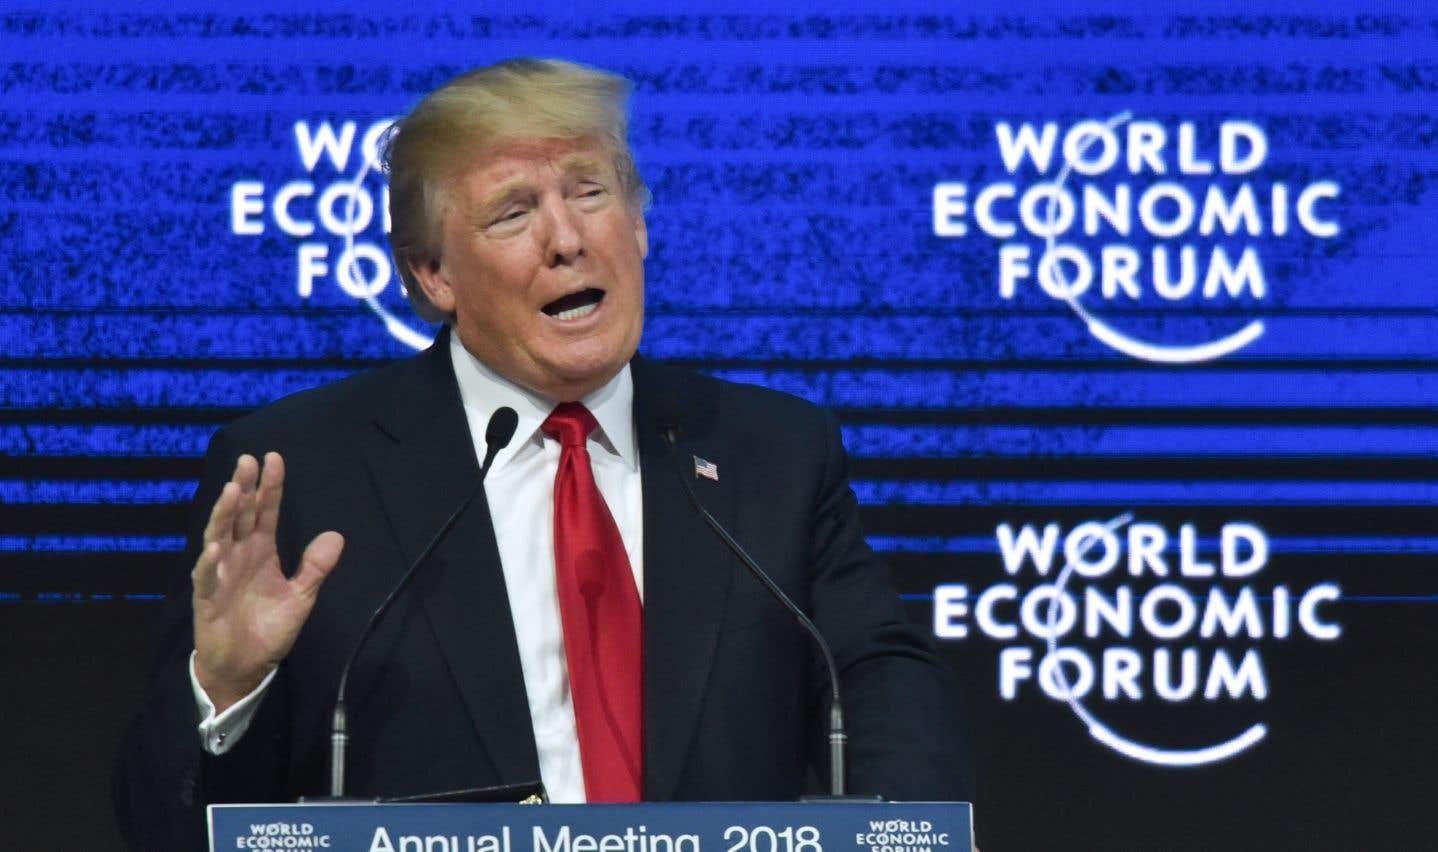 «Je suis là pour représenter les intérêts du peuple américain et pour affirmer l'amitié et la coopération des États-Unis pour construire un monde meilleur», a affirmé Donald Trump à Davos.